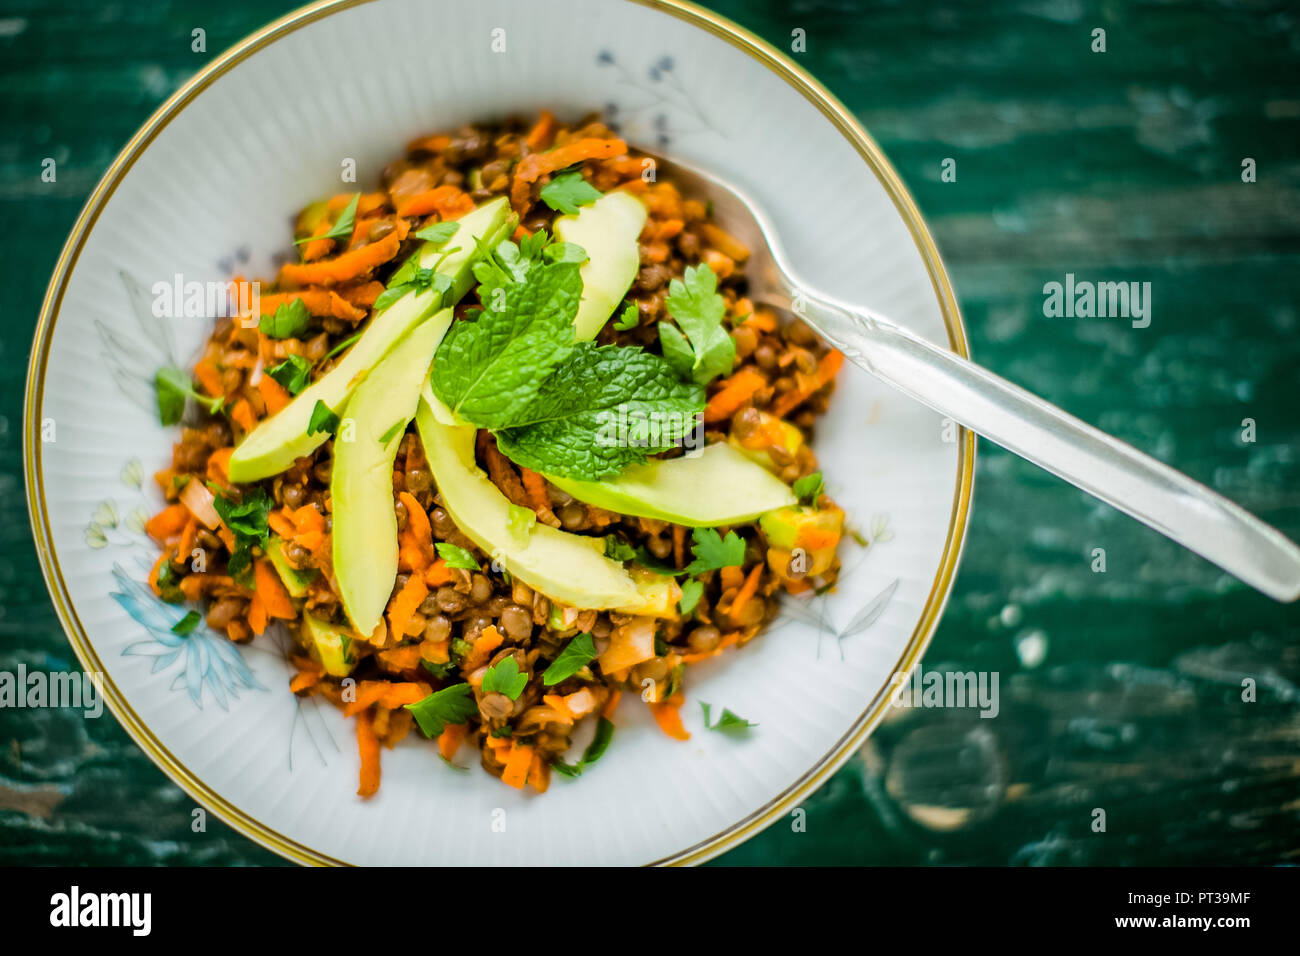 Salade de carottes et de lentilles avec de l'avocat et de menthe Photo Stock